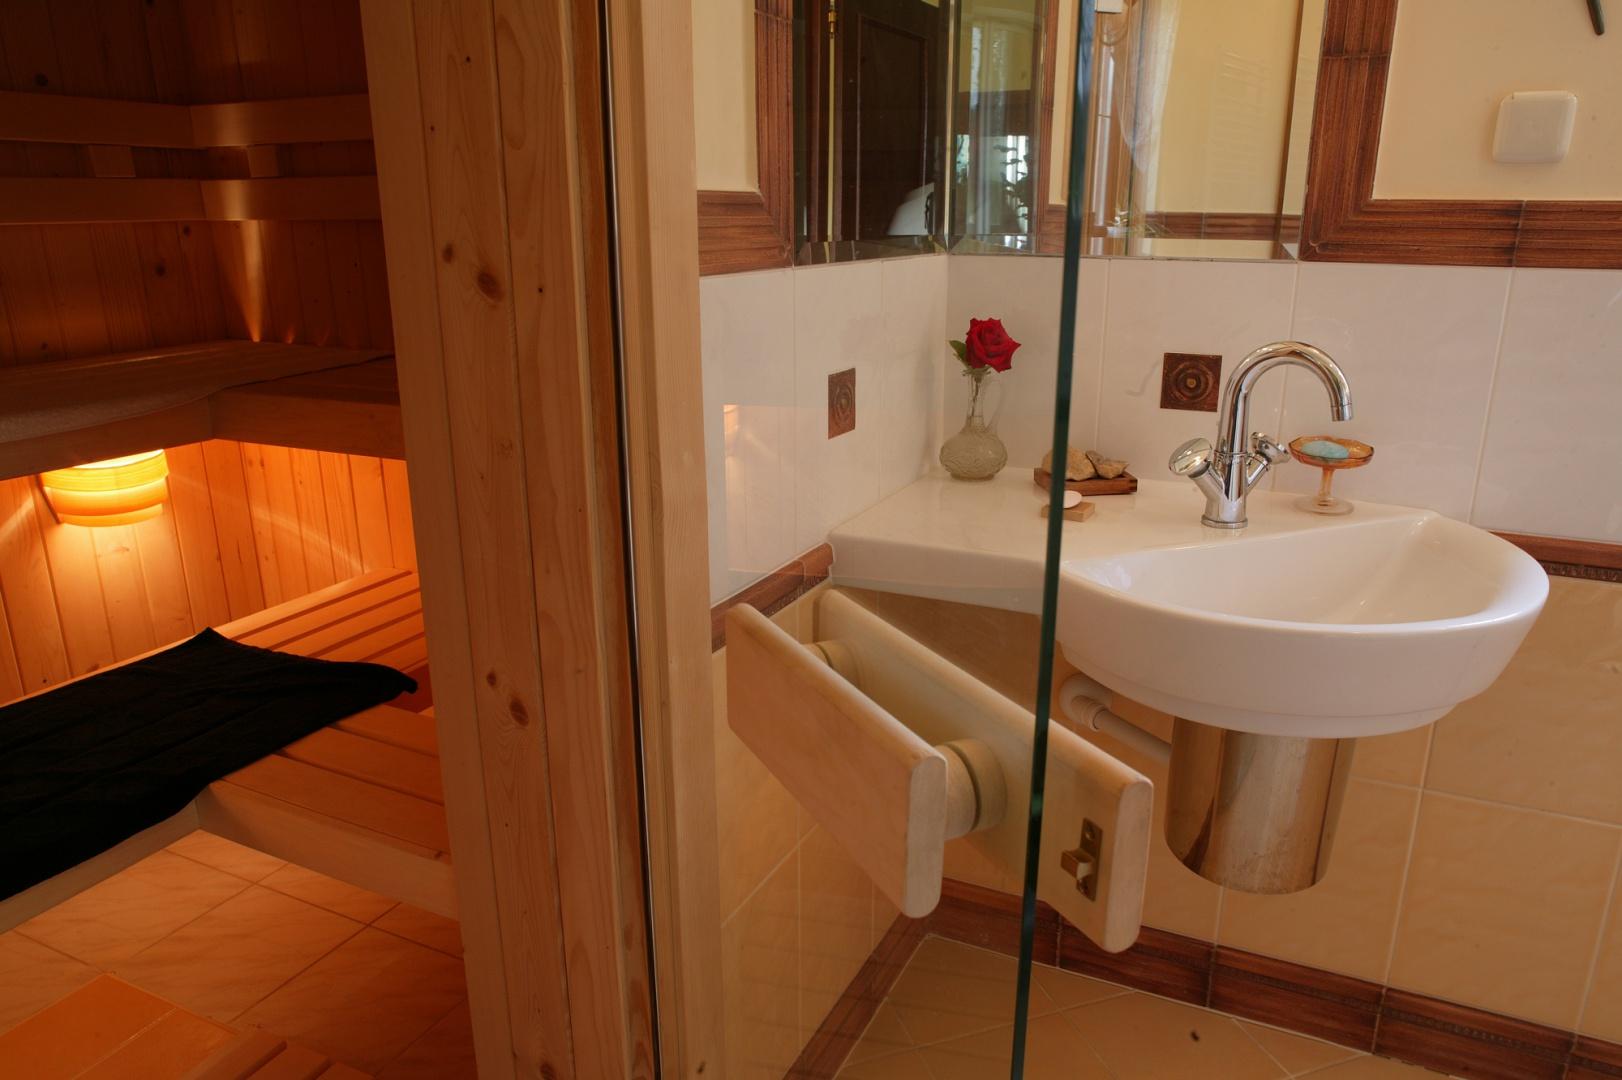 Na ławkach w saunie można oddawać się kąpieli leżąc lub siedząc. Nastrojowe światło lamp i szklane drzwi dają poczucie większej przestrzeni.  Fot. Monika Filipiuk.